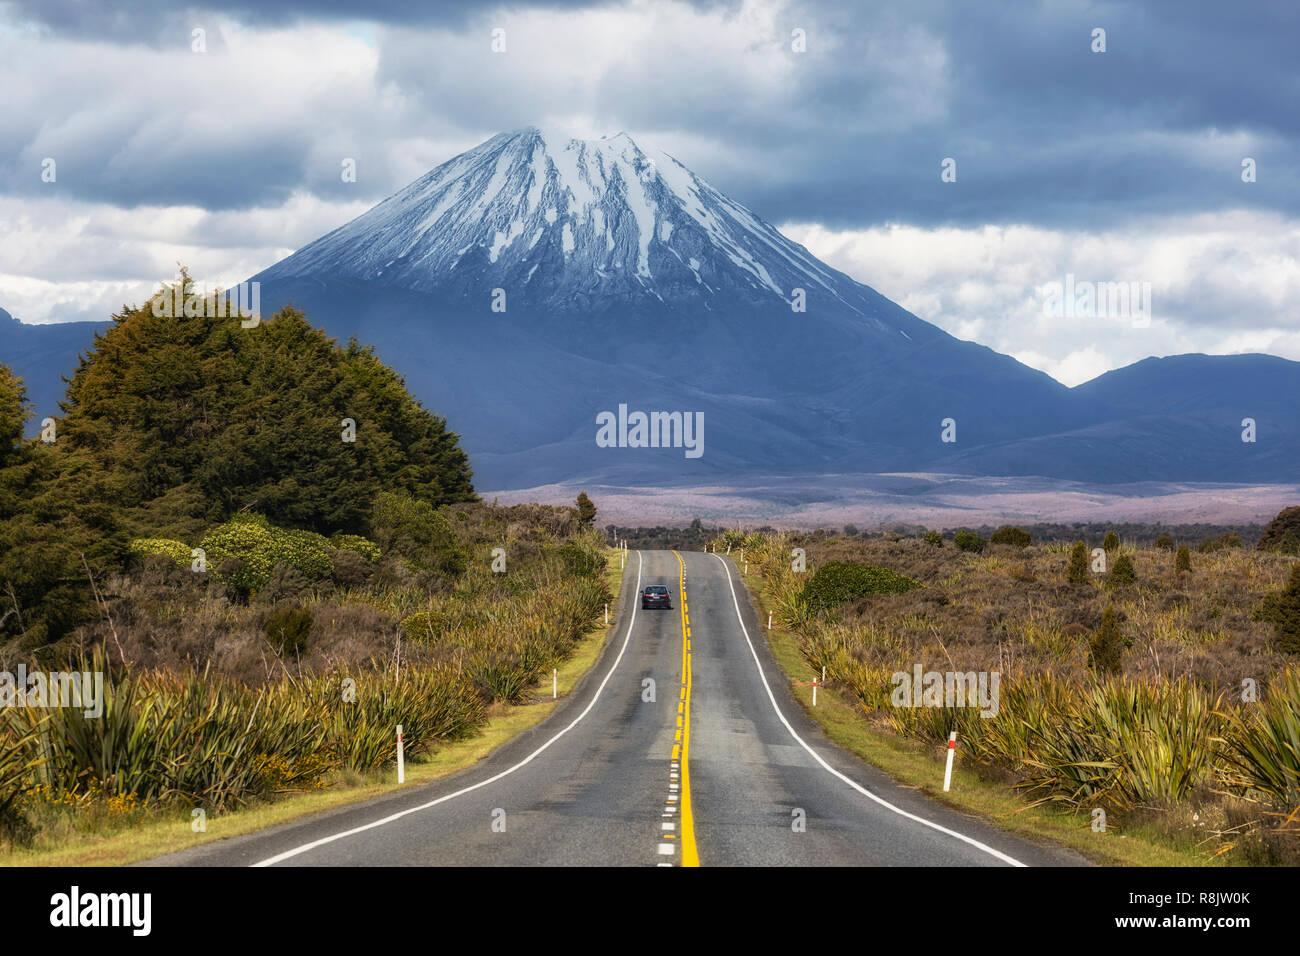 Mount Ngauruhoe, Tongariro National Park, North Island, New Zealand - Stock Image